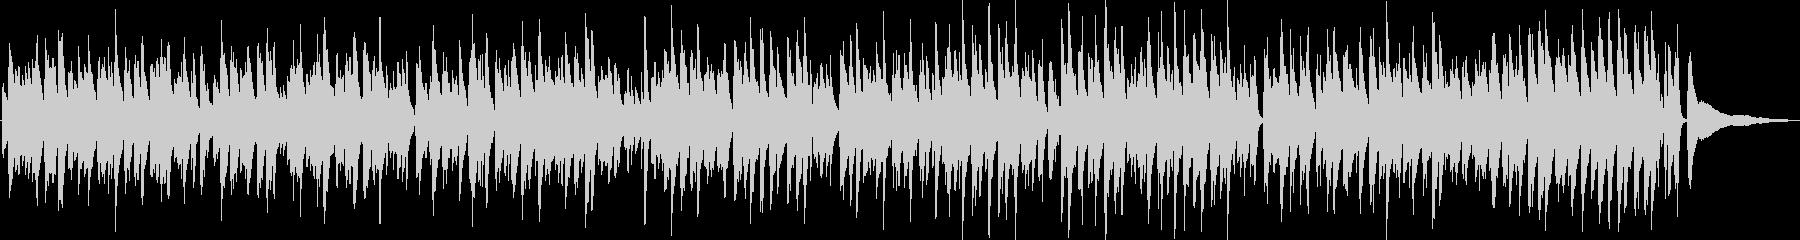 グリーンスリーブス/ボサノバピアノトリオの未再生の波形